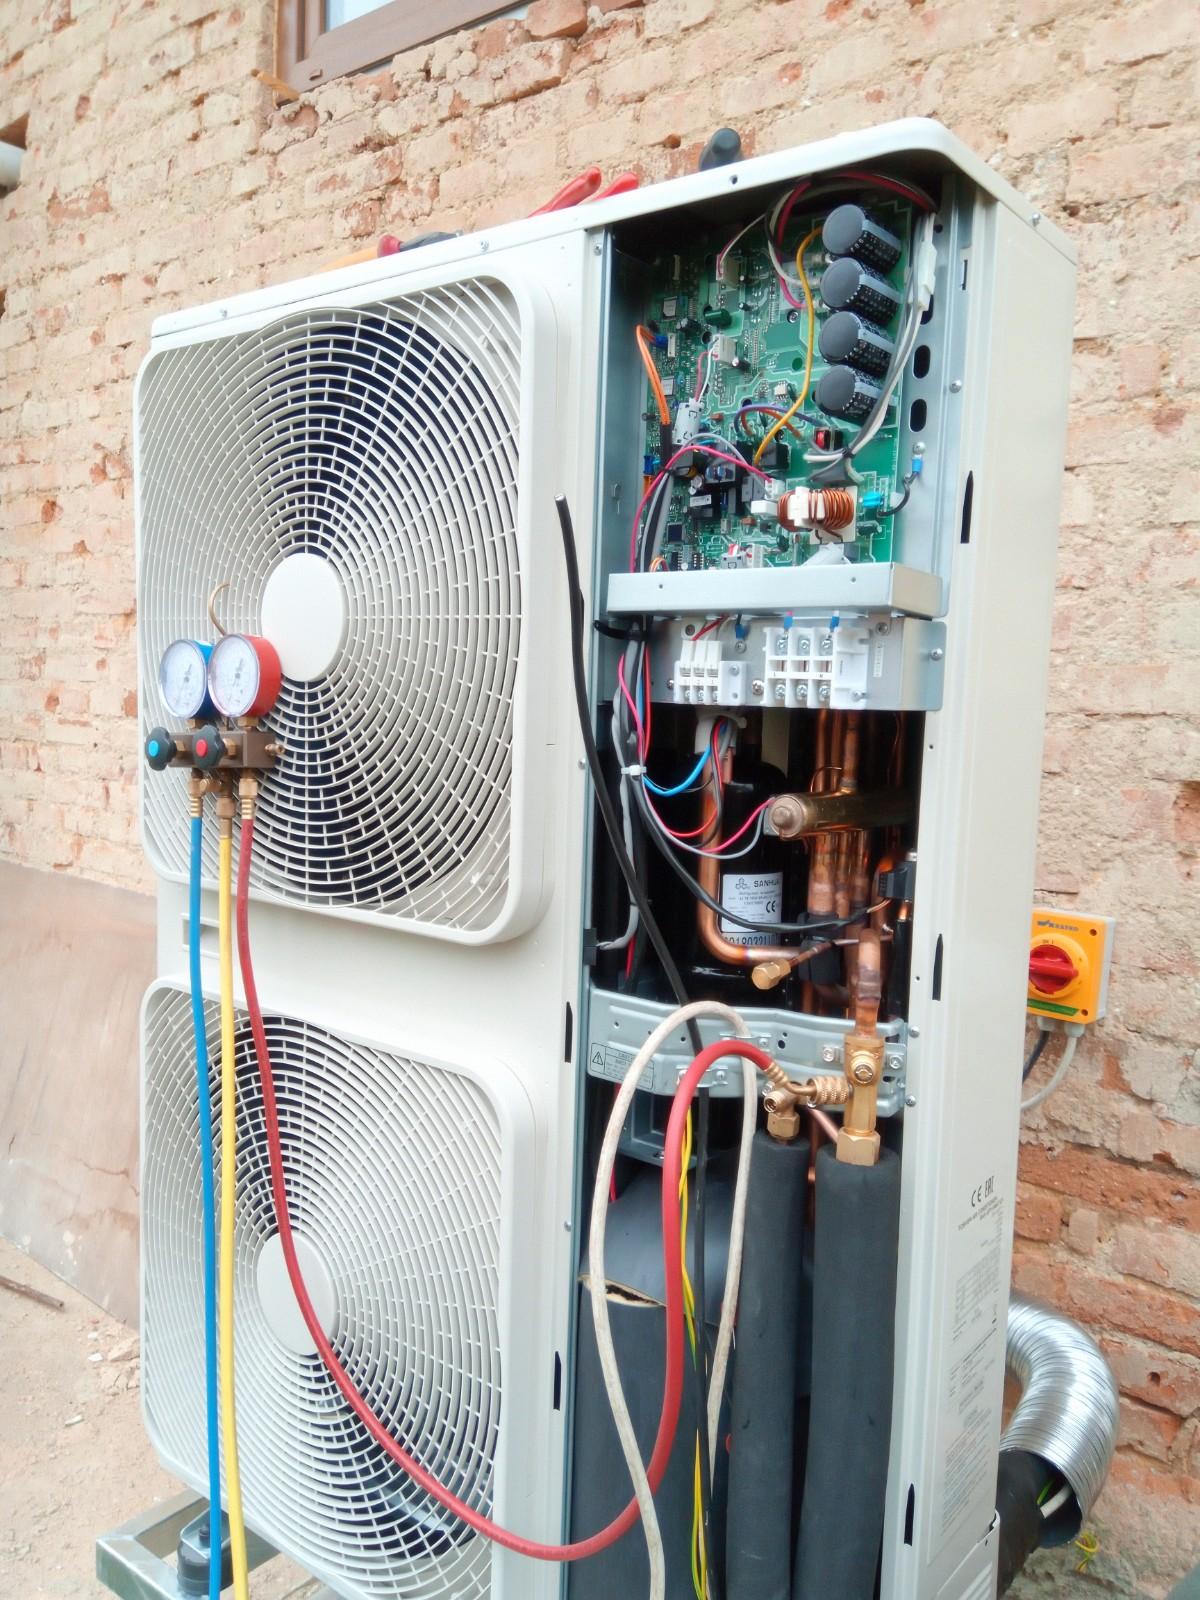 Instalace a zapojení tepelného čerpadla